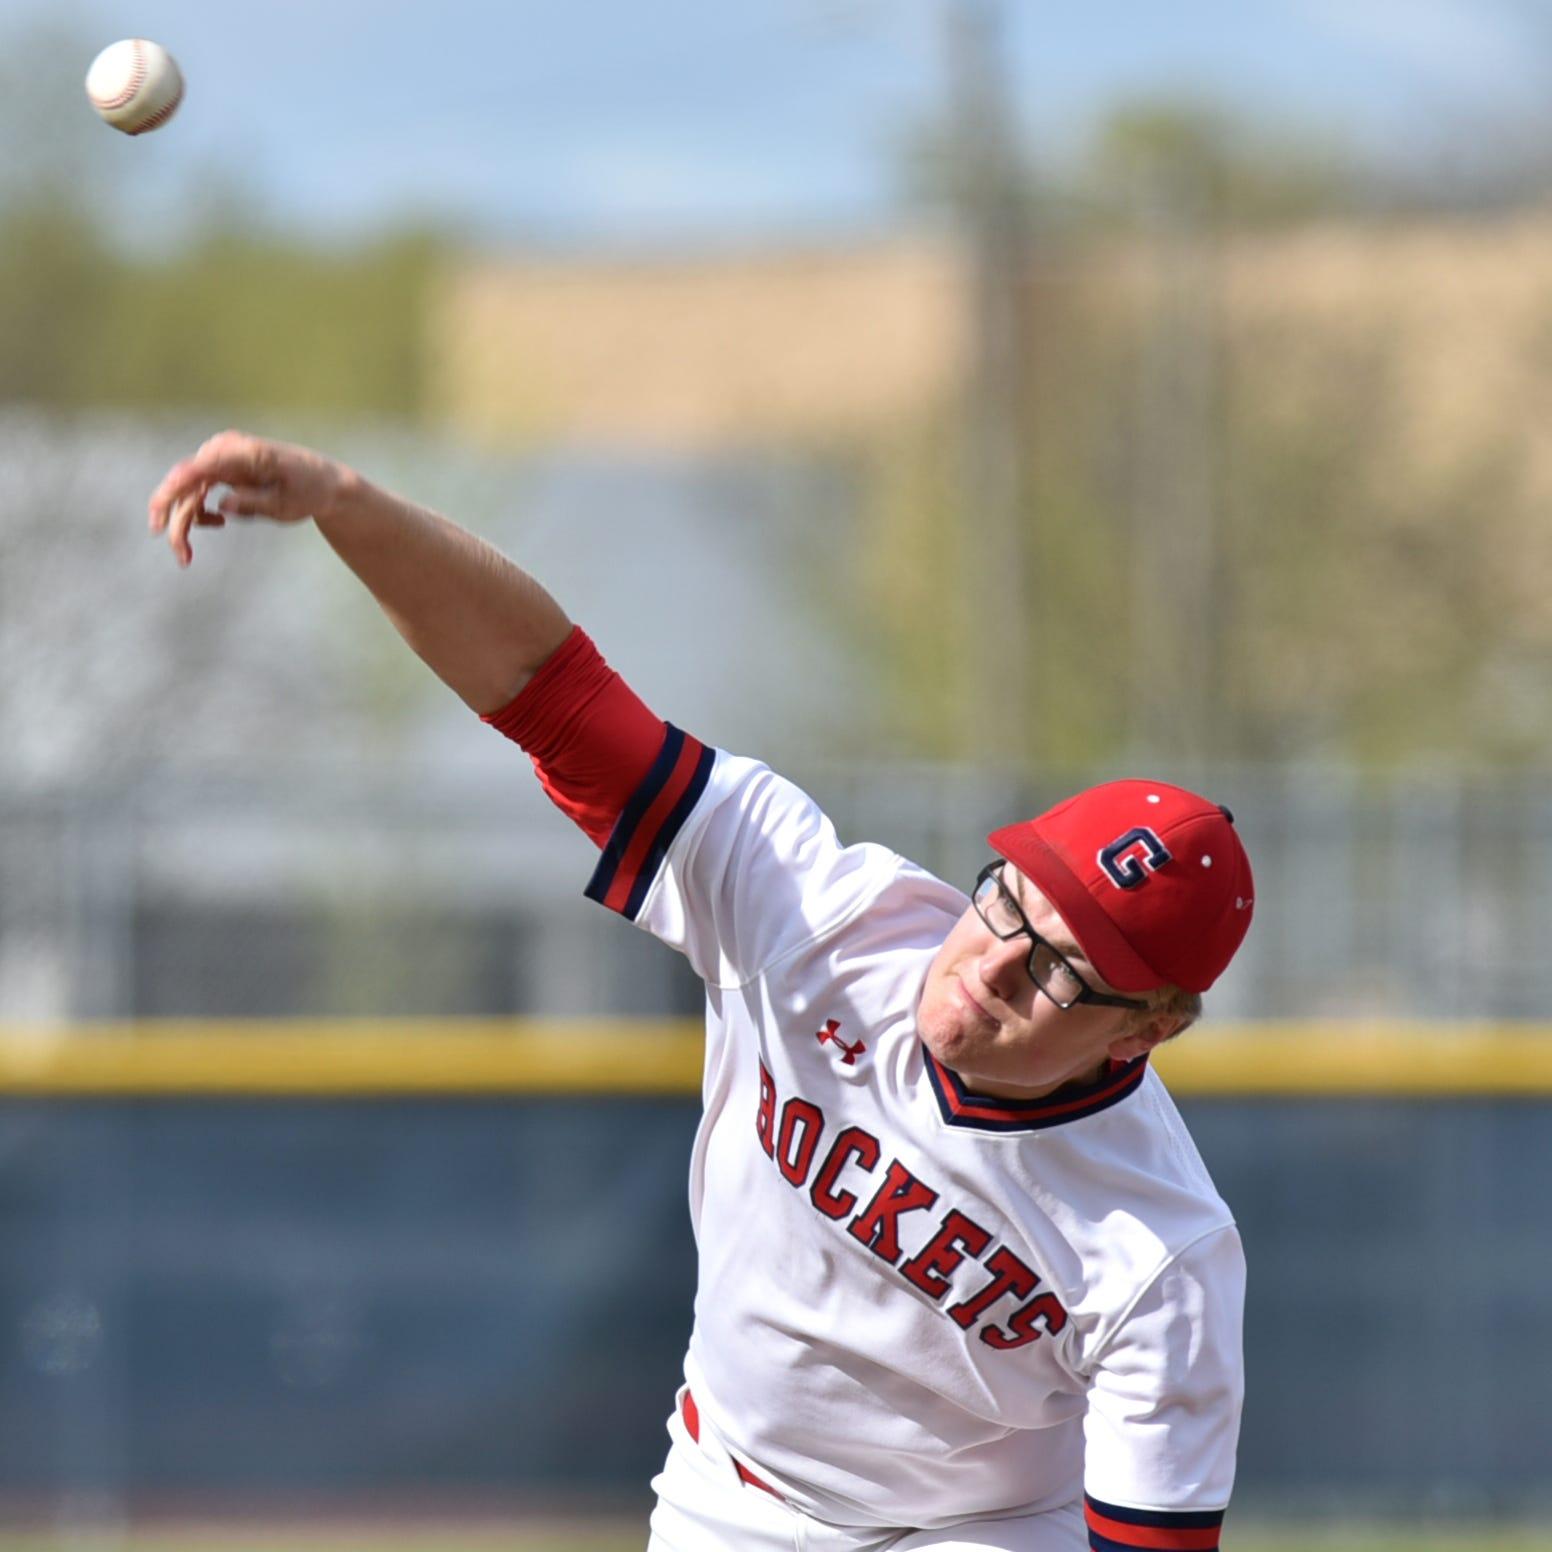 Chad Stevens powers John Glenn baseball past Northville in extra innings